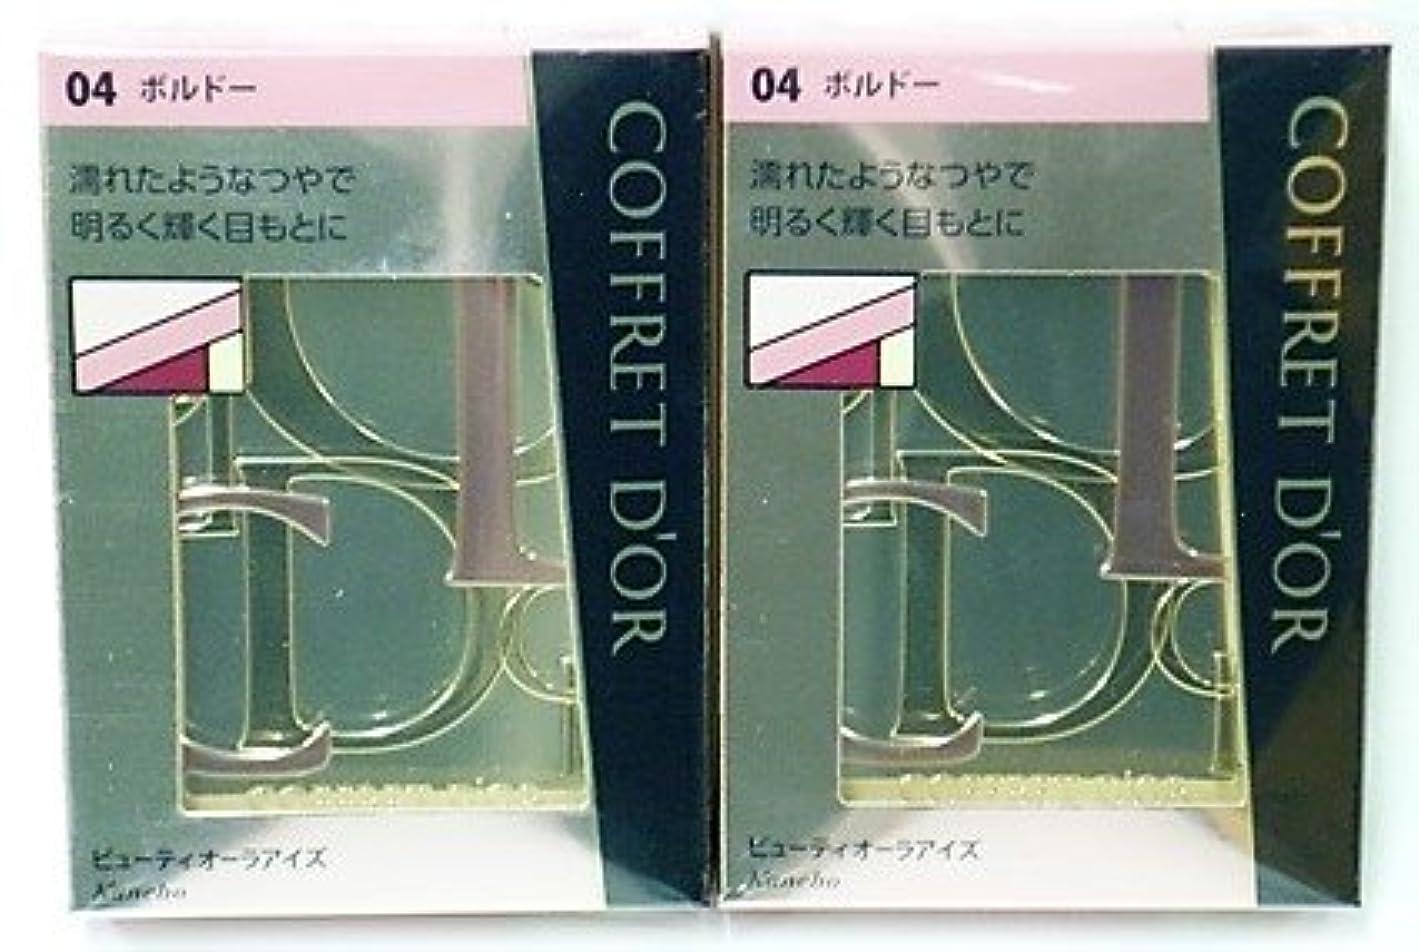 卵社会却下する<2個セット>コフレドール ビューティオーラアイズ 04ボルドー 3.5g入り×2個